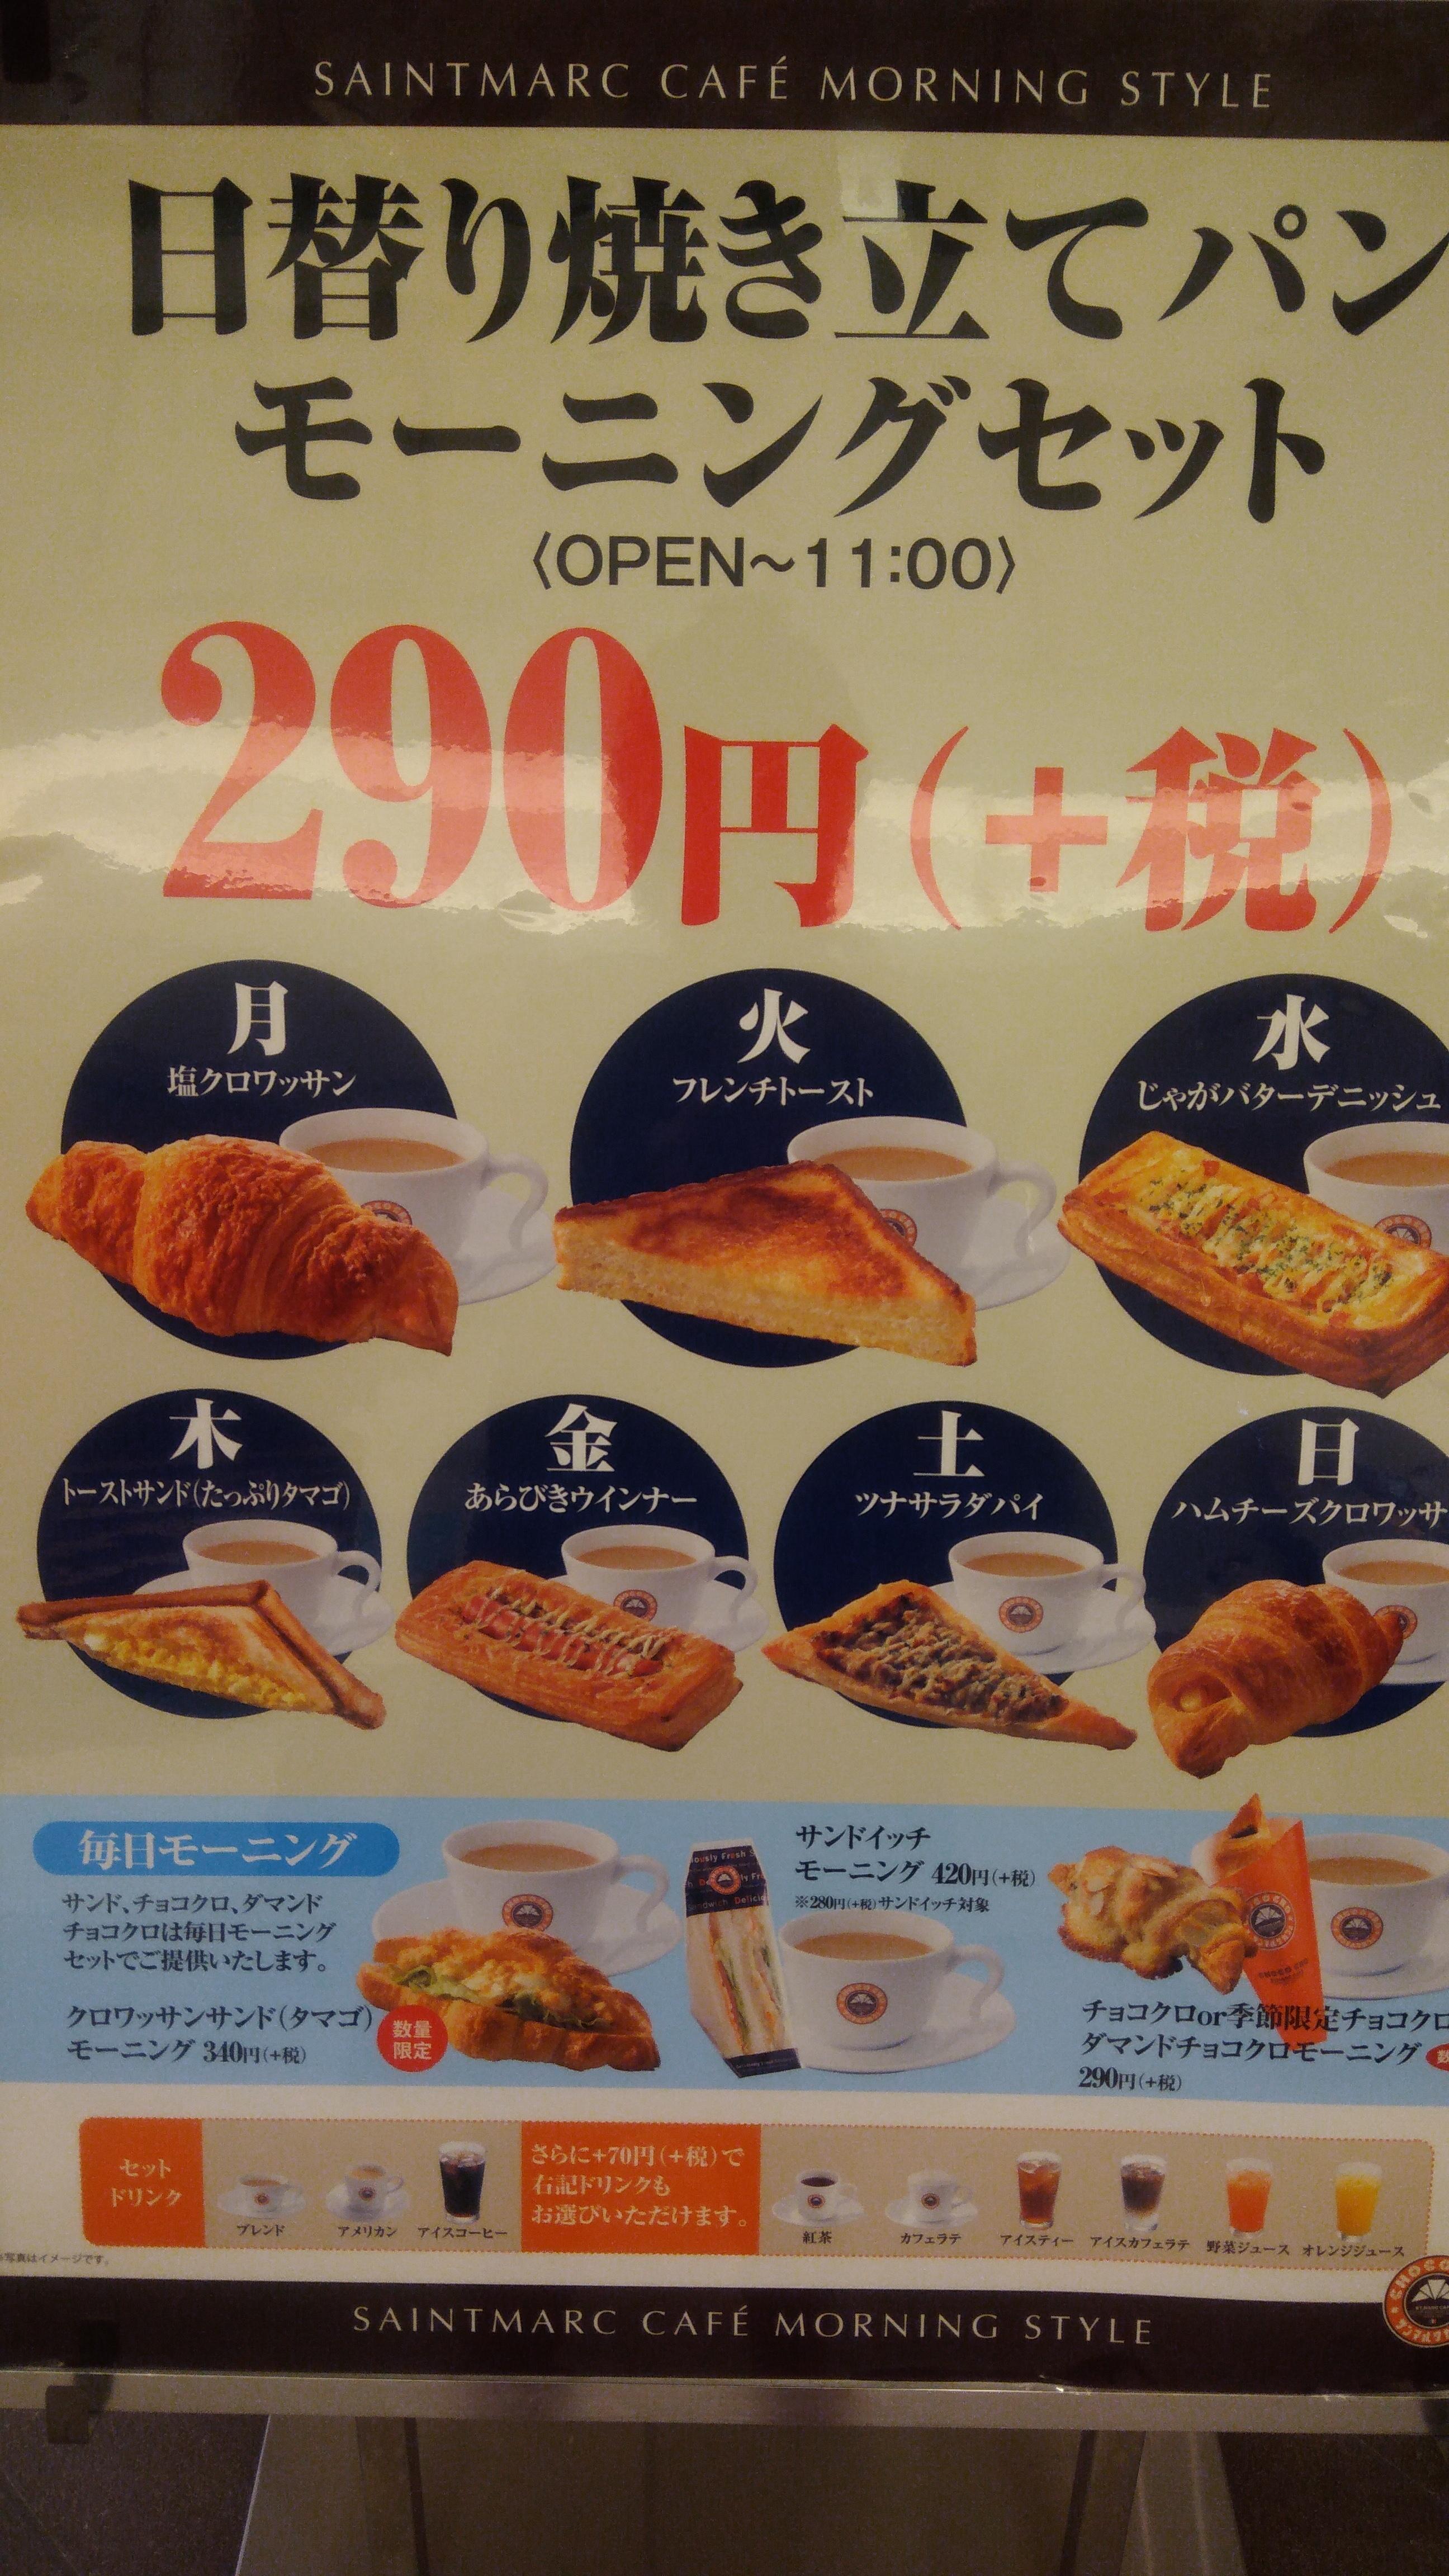 サンマルクカフェモーニングは290円と圧倒的安さでお得♪